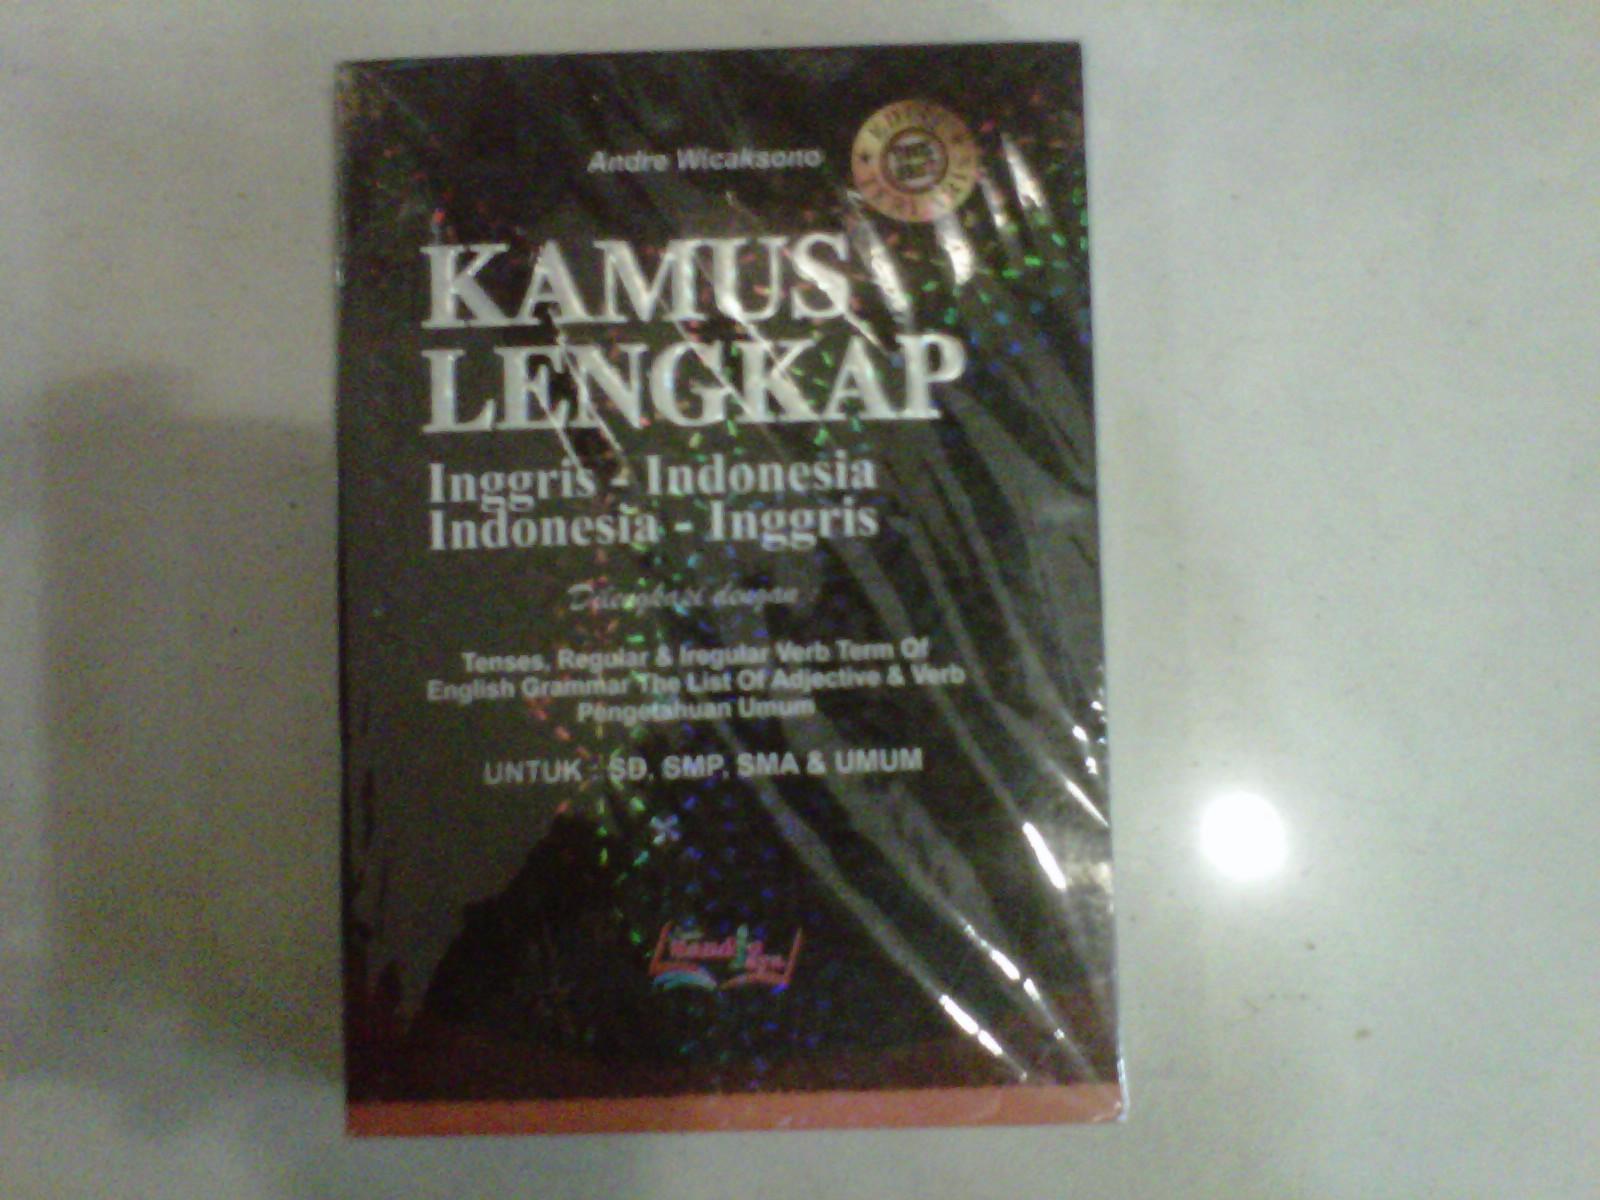 Berbagai macam kamus bahasa inggris-indonesia indonesia-inggris